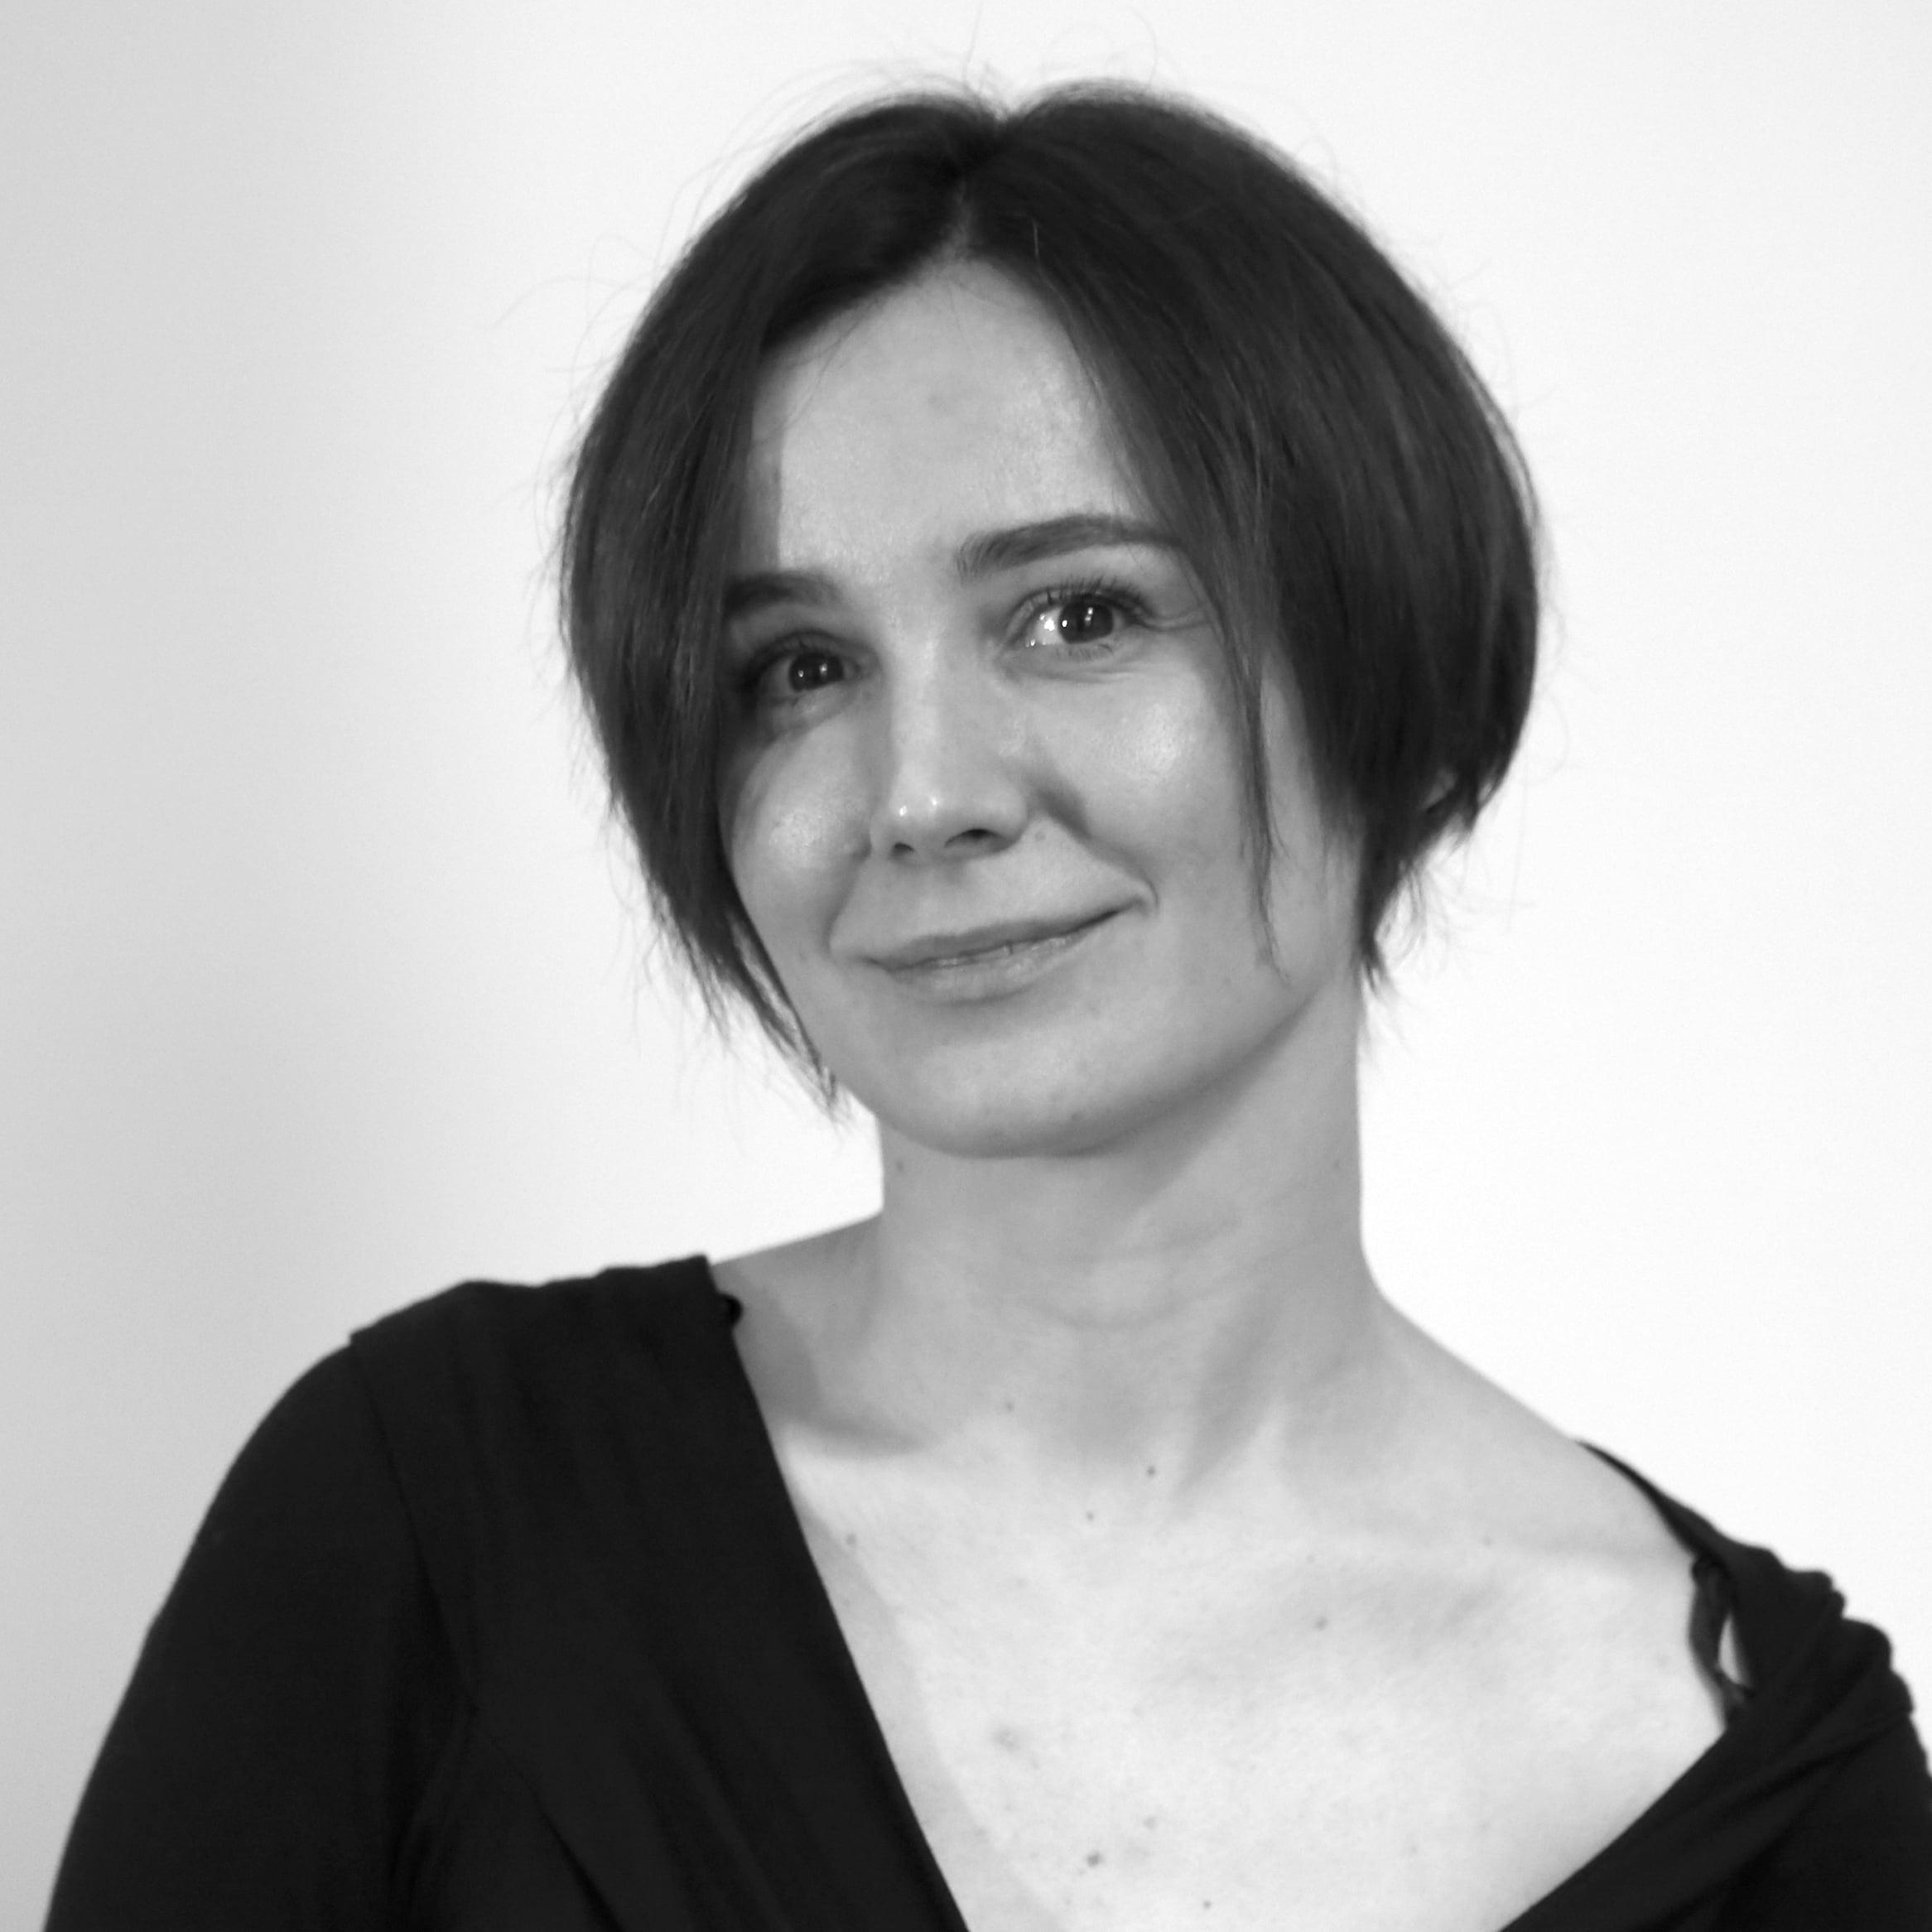 Natalya Boudier